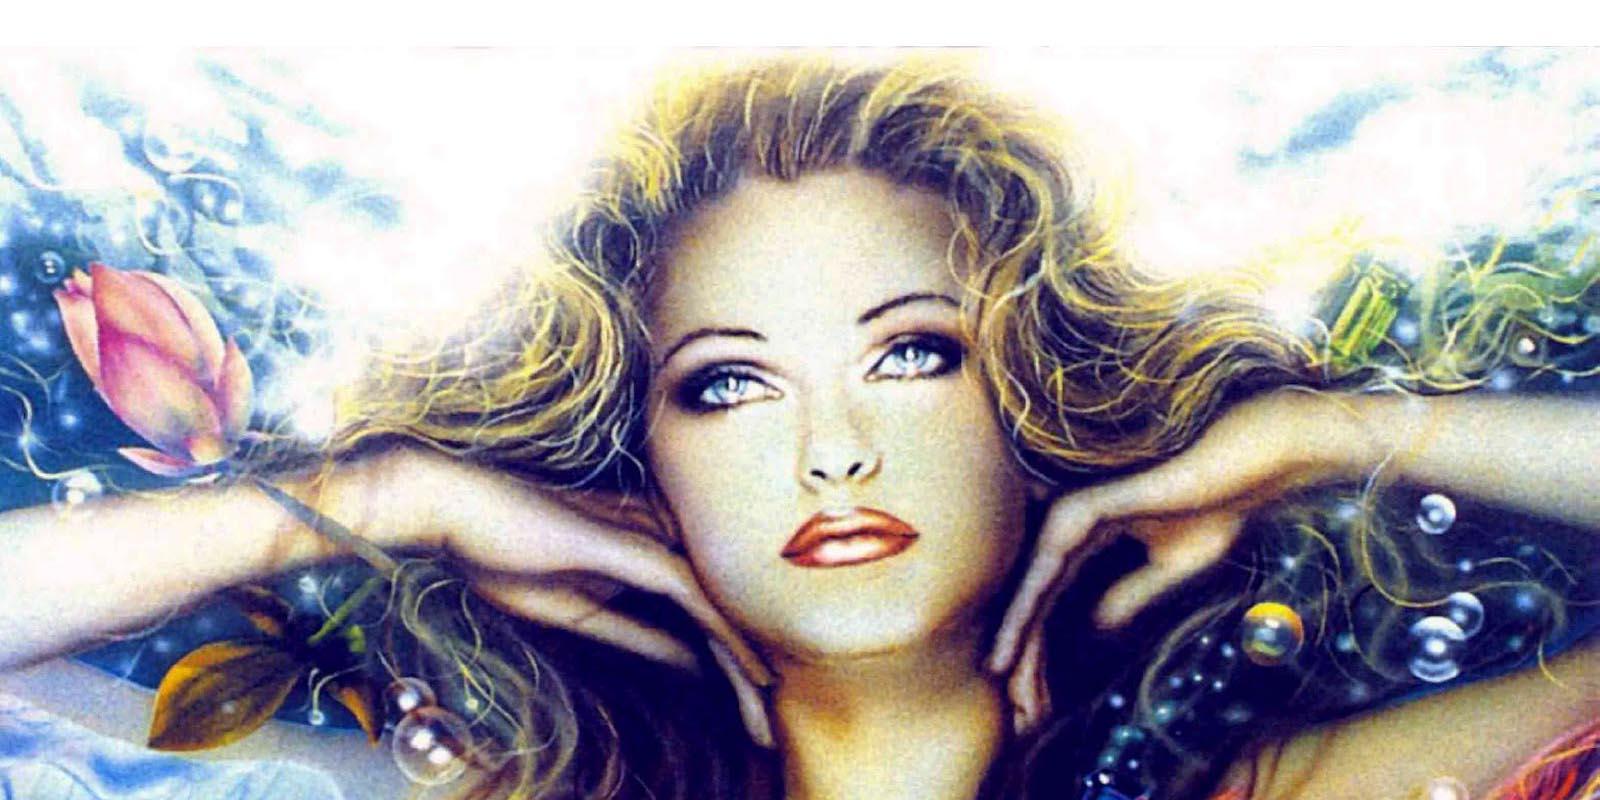 Женщина Дева с распущенными волосами